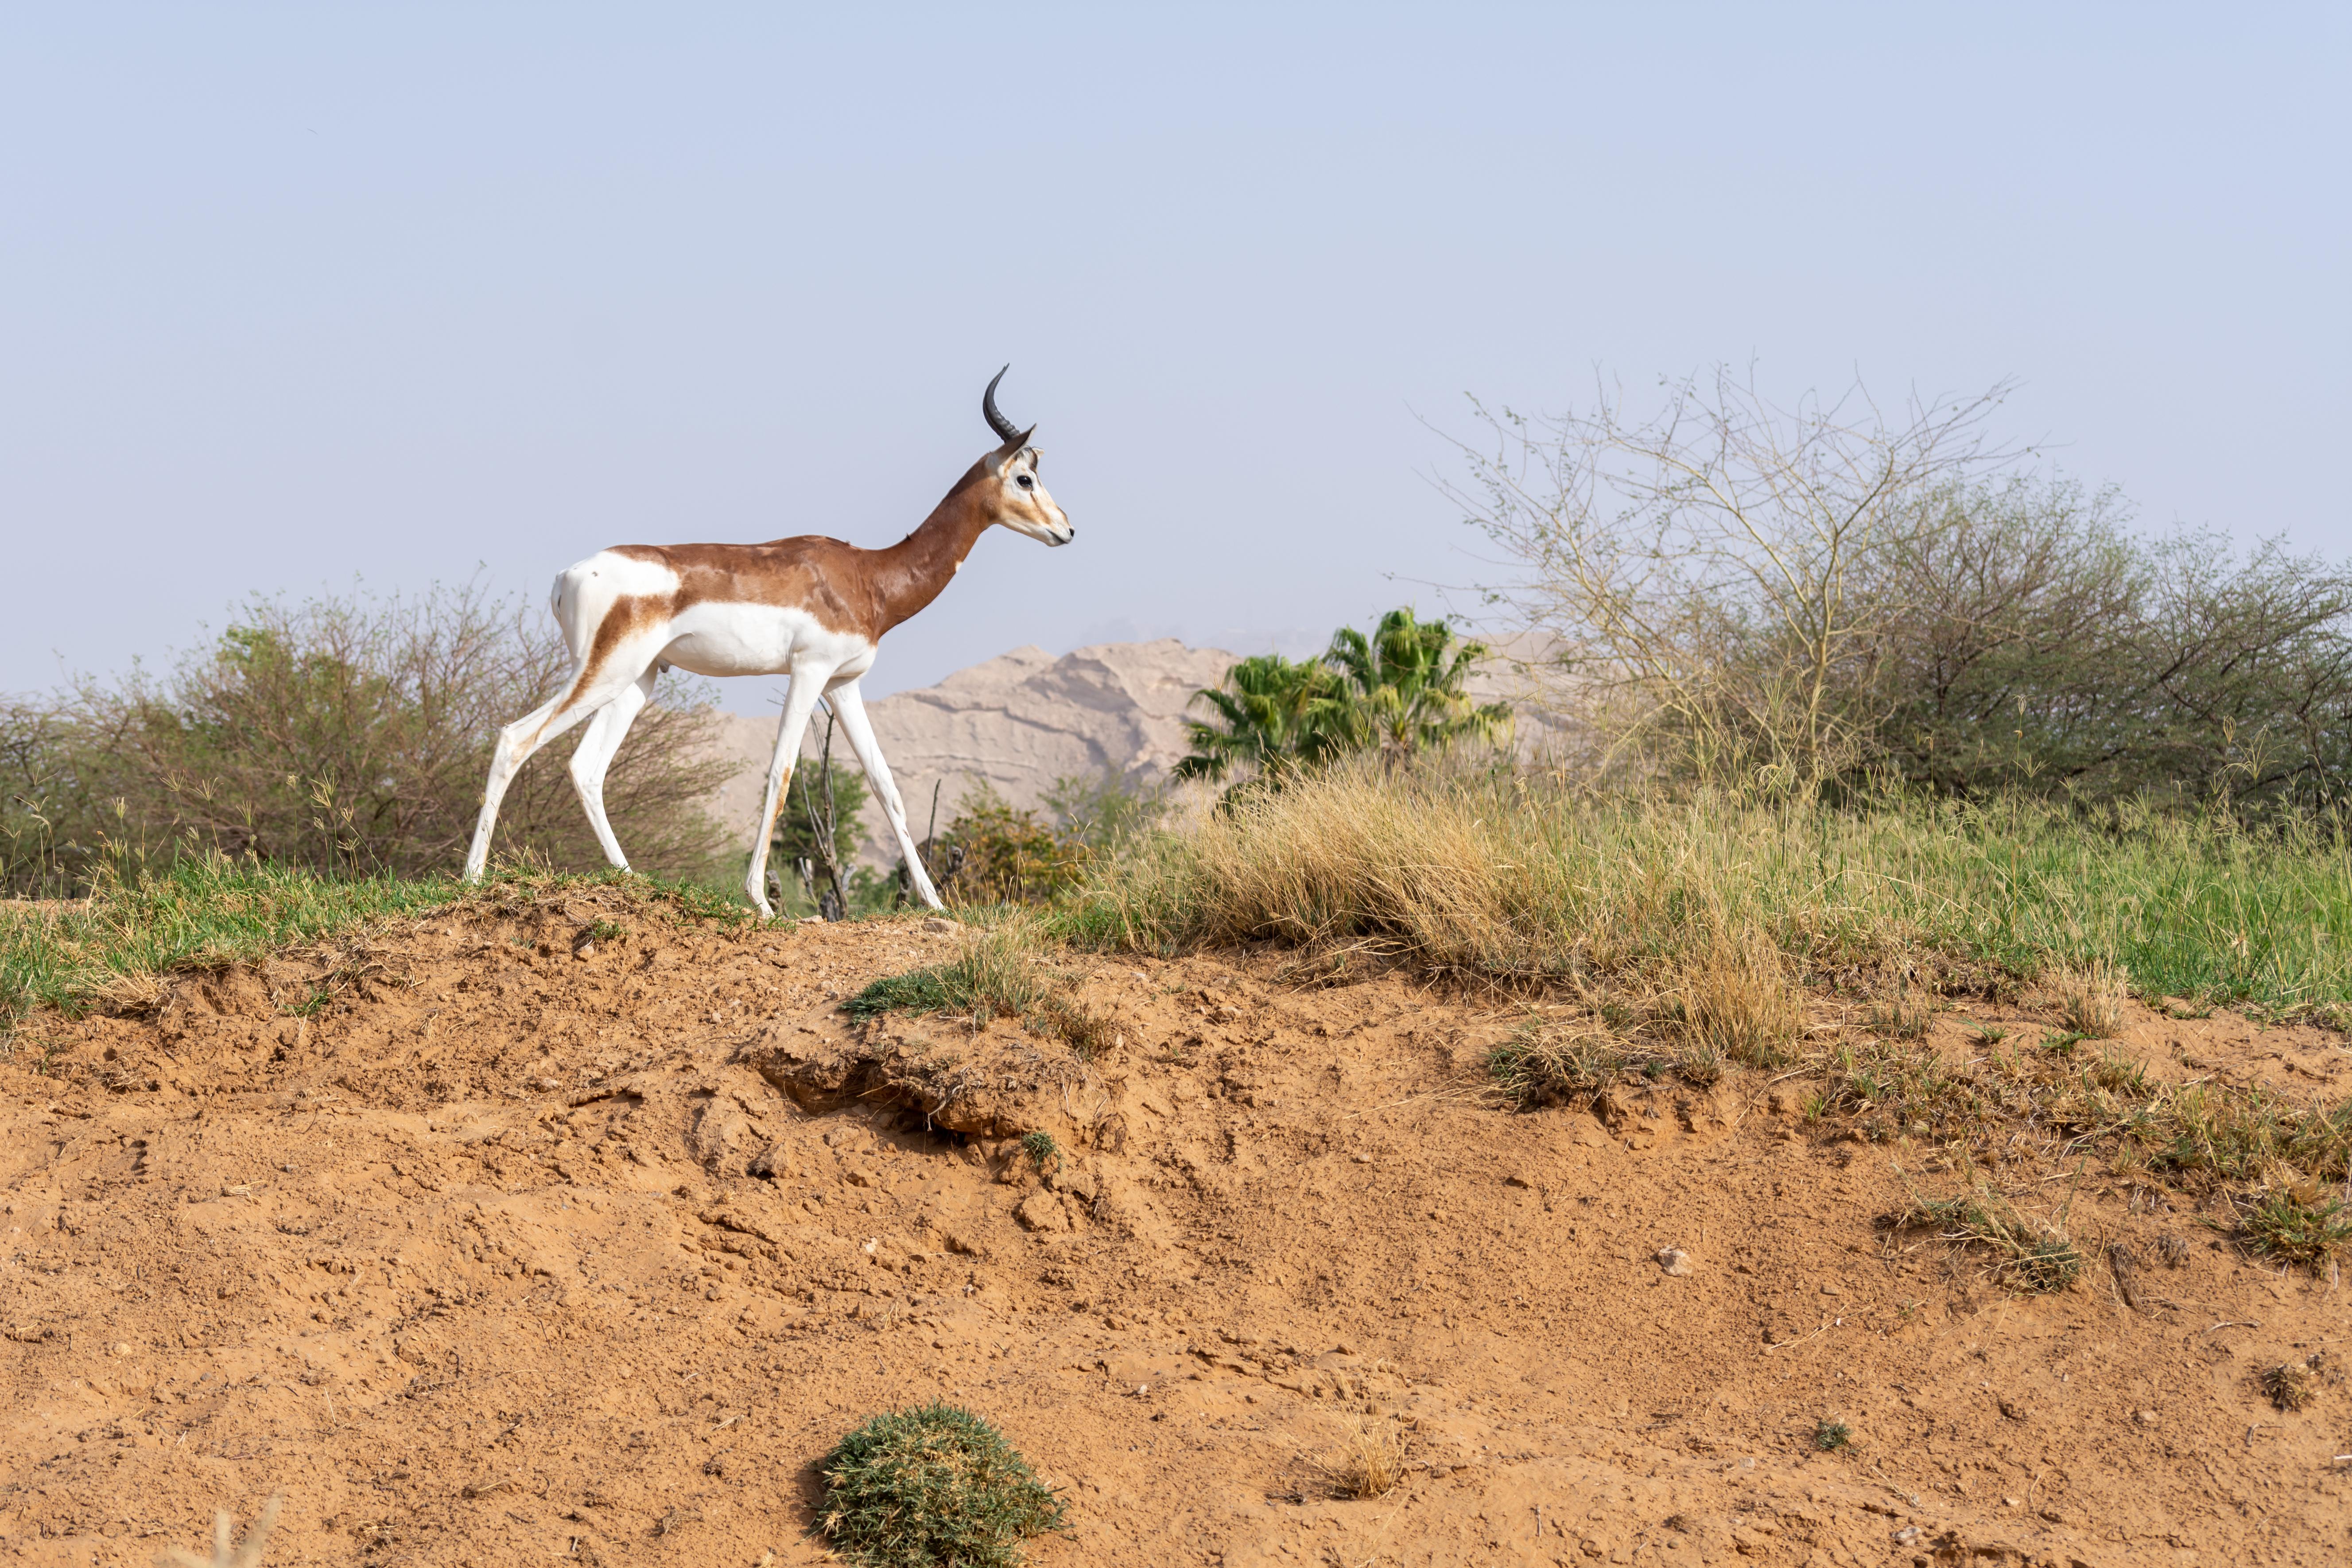 dama gazelle in Niger